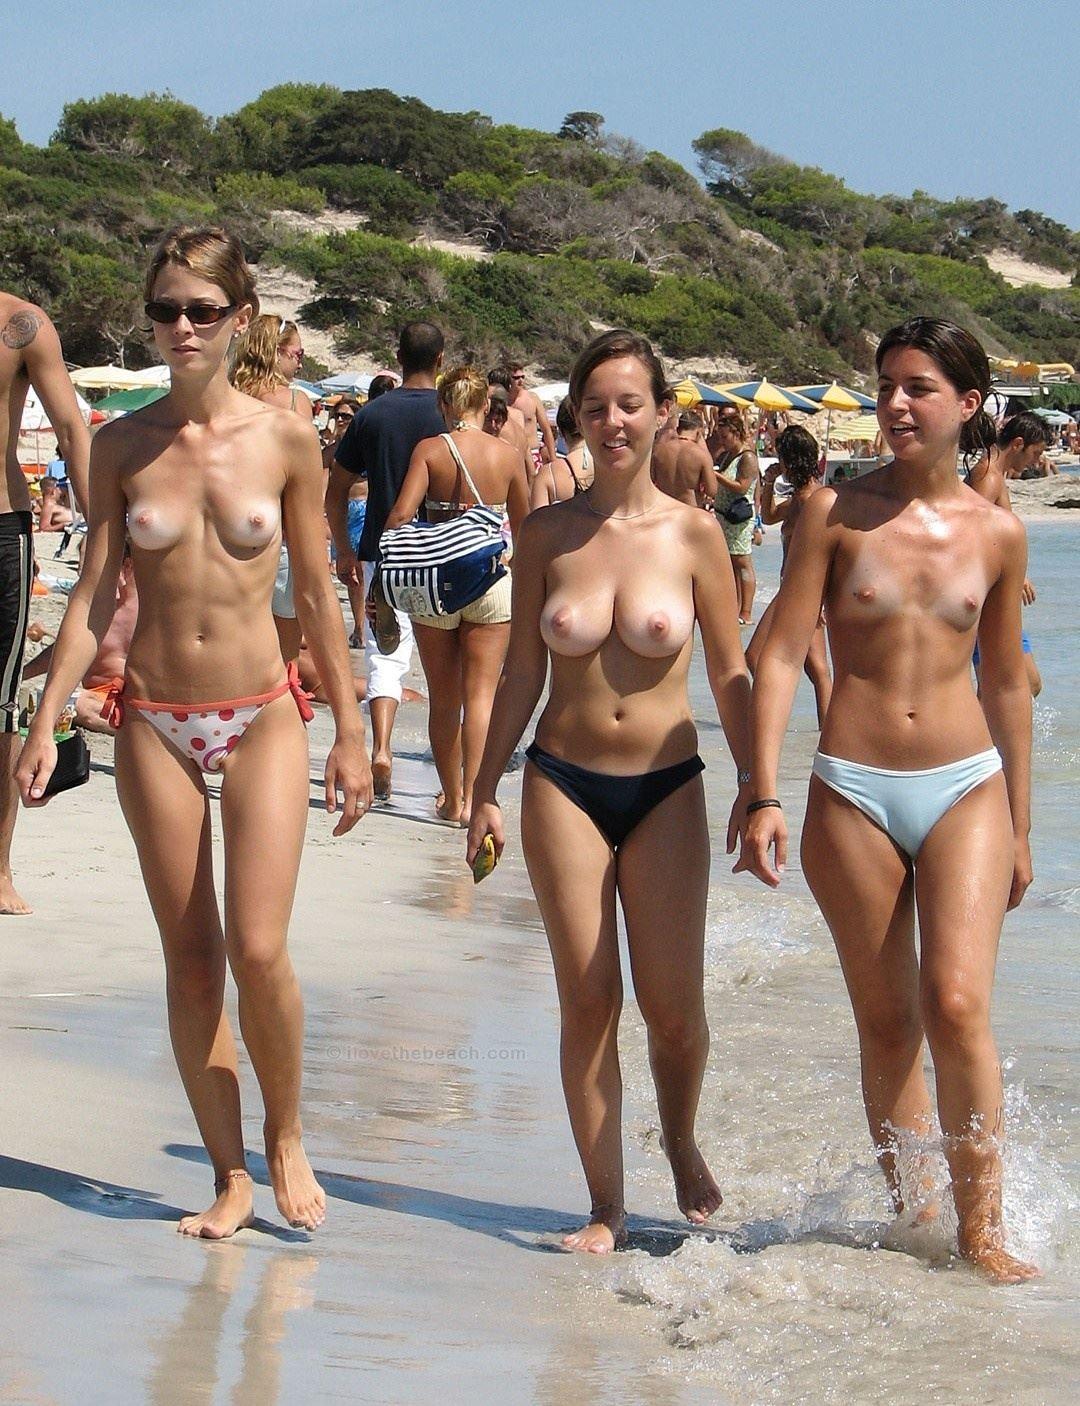 【外人】張りのある形の良い美乳おっぱいをさらけ出すヌーディストビーチの素人娘のポルノ画像 238